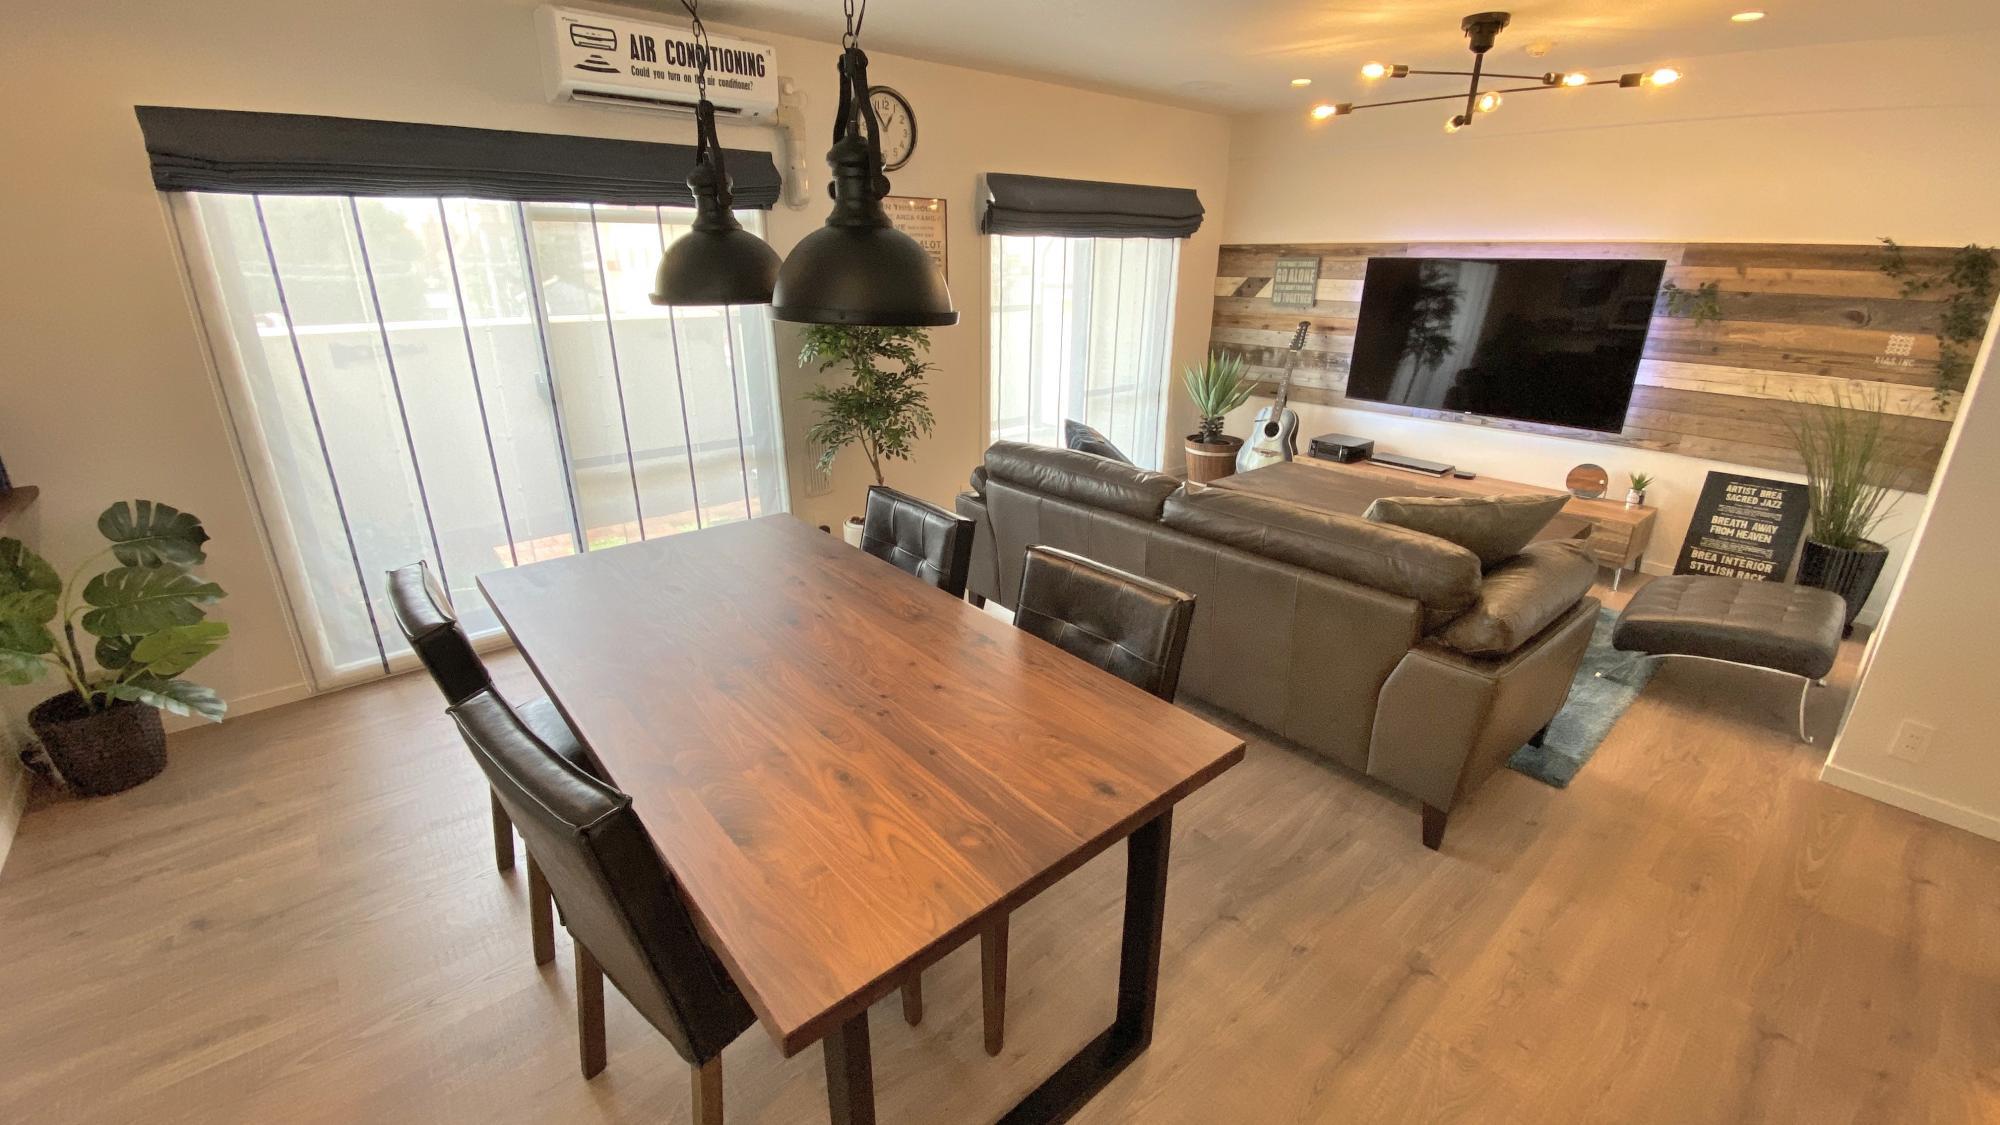 リノベ不動産|エクシアスは実際の所有のマンションを一度解体してスケルトン状態から0から室内をリノベーションしました。 家具家電も入れて実際の生活するならこんな感じかなとイメージしやすい環境をご用意してます。 リノベーションのテイストはどのようなテイストもできます! 何となくのイメージだけでも構いません。プロであるコチラが汲み取って最高のプレゼンを致します!  実際に中古物件を購入してリノベーションしたマンションを見ていただき、リアルなリノベ空間を体感していただけるようにしています。 様々なリノベーション事例を見ていただき、予算や希望を考慮しながら、ベストなご提案をさせていただきます!  ~こんな方にオススメ~ ★リノベーションした家を実際に見てみたい! ★予算内でどこまで理想に近づけるか知りたい! ★知識のある営業スタッフに相談したい! ★施工事例をたくさん見たい!  ホームページにて施工事例、イベント情報を更新していますので、是非覗いてみてください♪ 女性スタッフがたくさん活躍するアットホームな会社です!お気軽にお問い合わせください♪